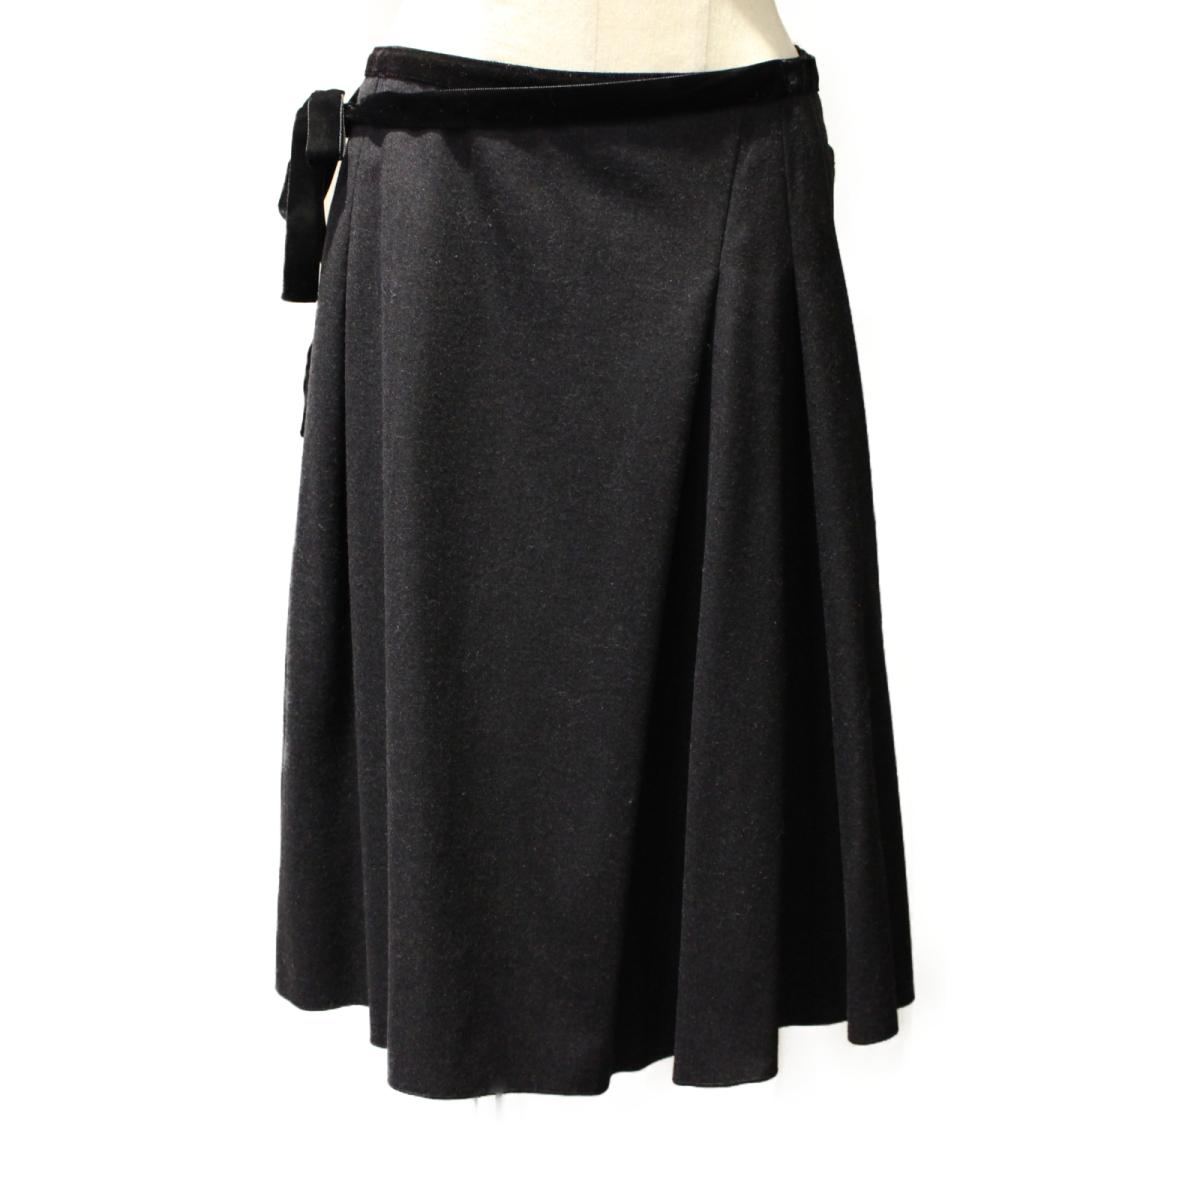 【中古】フォクシー ベロアスカート レディース 毛90% x ナイロン7% ポリウレタン3% ブラック (19473-ASAY04) | FOXEY BRANDOFF ブランドオフ 衣料品 衣類 ブランド ボトムス スカート